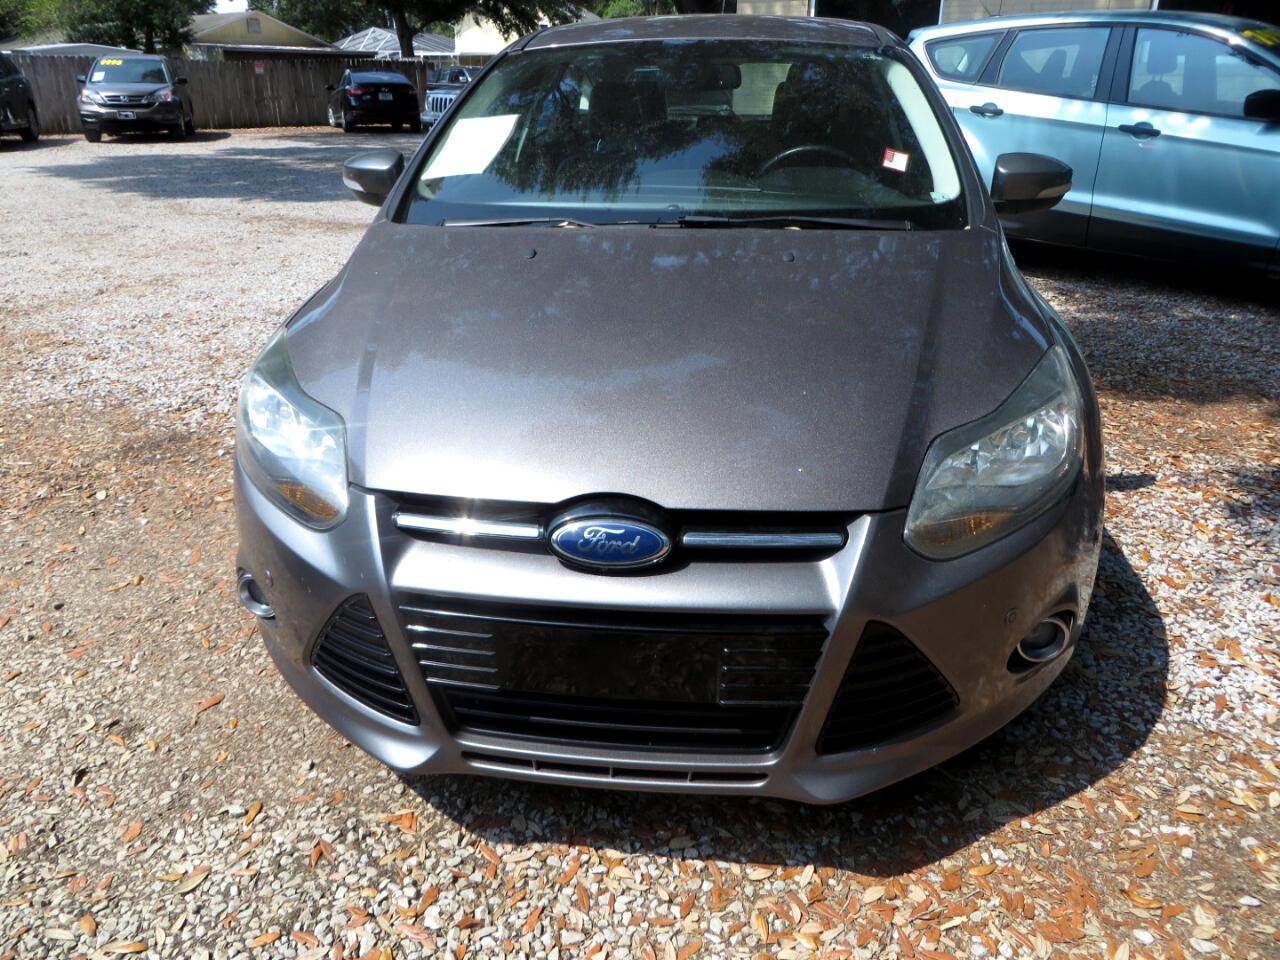 Ford Focus 5dr HB Titanium 2012